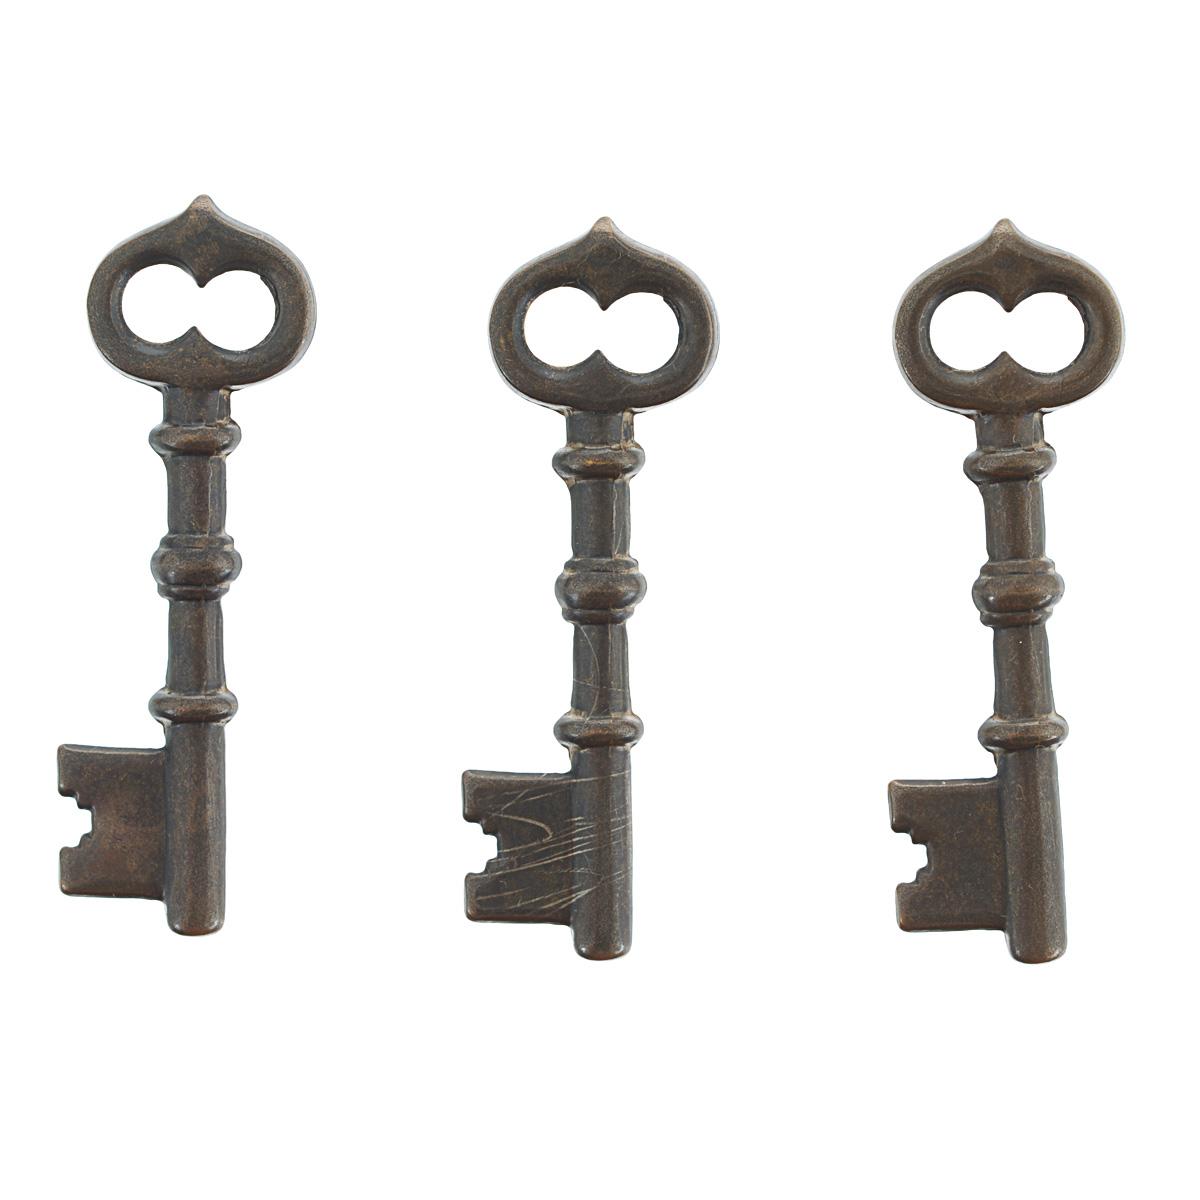 Набор подвесок Vintaj Ключ, цвет: бронзовый, 43 мм х 13 мм, 3 штDP401RRНабор Vintaj Ключ состоит из 3 декоративных подвесок, изготовленных из металла и предназначенных для декорирования в различных техниках. Подвески, выполненные в виде старинных ключей, отличаются прочностью и практичностью. С их помощью вы сможете украсить фотографию, альбом, одежду, подарок и другие предметы ручной работы. Изготовление украшений - занимательное хобби и реализация творческих способностей рукодельницы. Радуйте себя и своих близких украшениями, сделанными своими руками! Размер подвески: 43 мм х 13 мм х 1 мм.